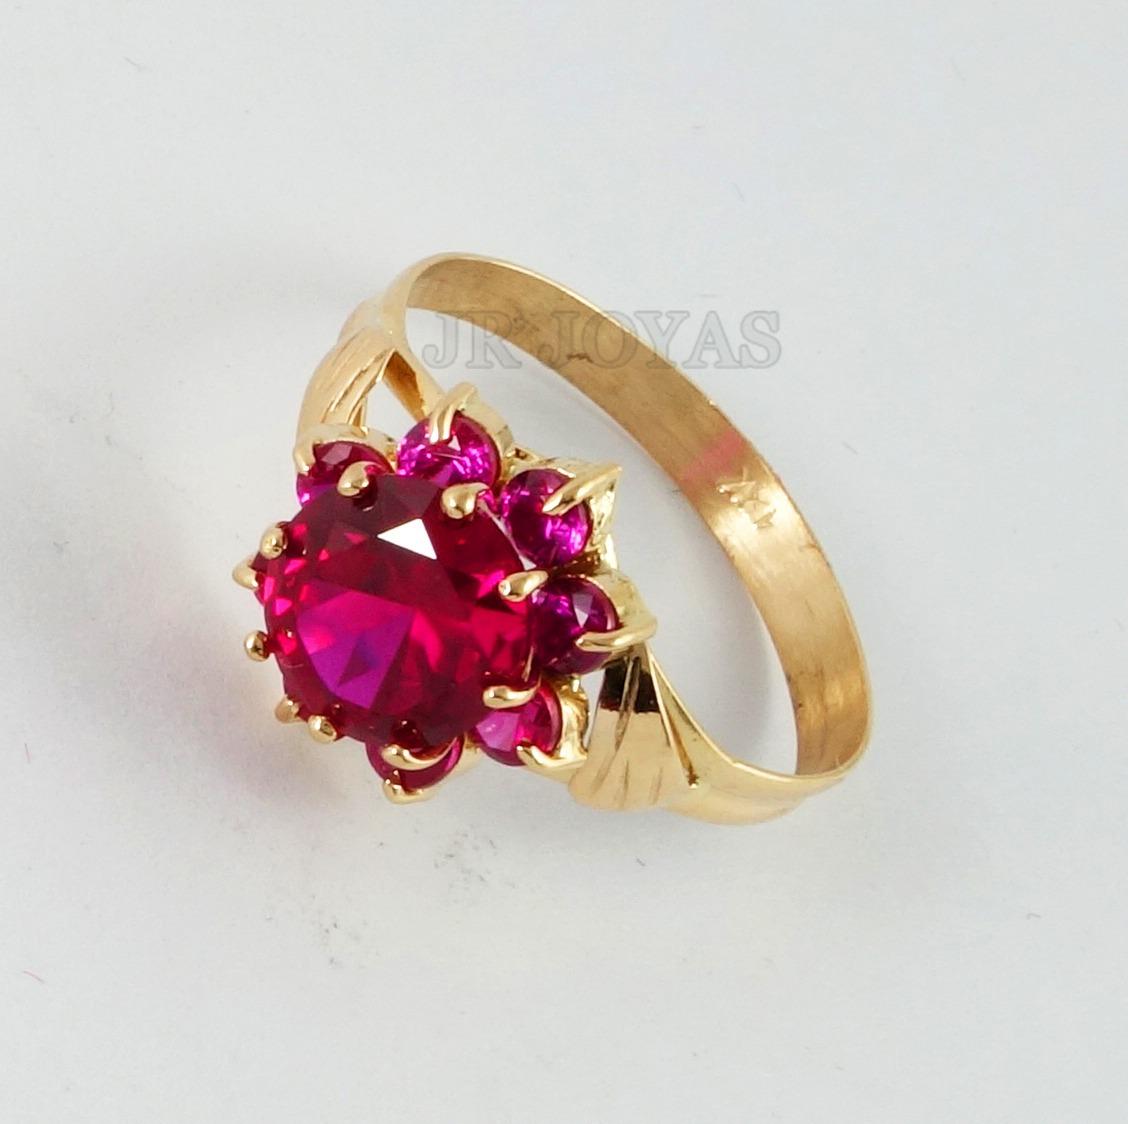 7ac6747e6a26 anillo compromiso cintillo roseta cubic oro 18k a203. Cargando zoom.